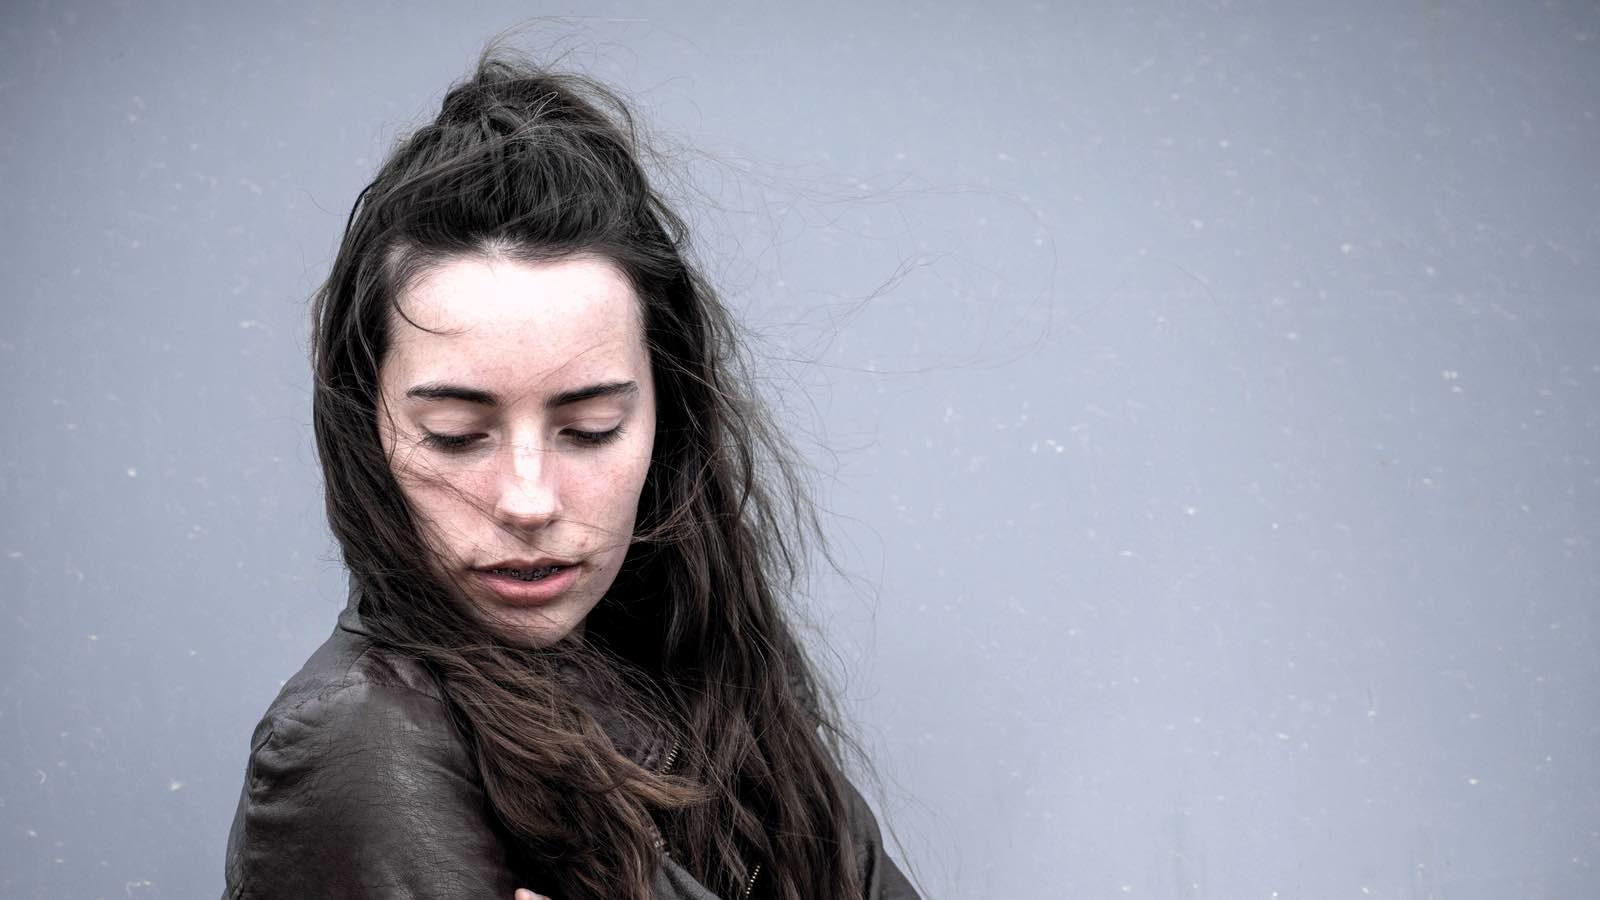 Graue Haare Mit 20 8 Ursachen Und Was Dagegen Wirklich Hilft